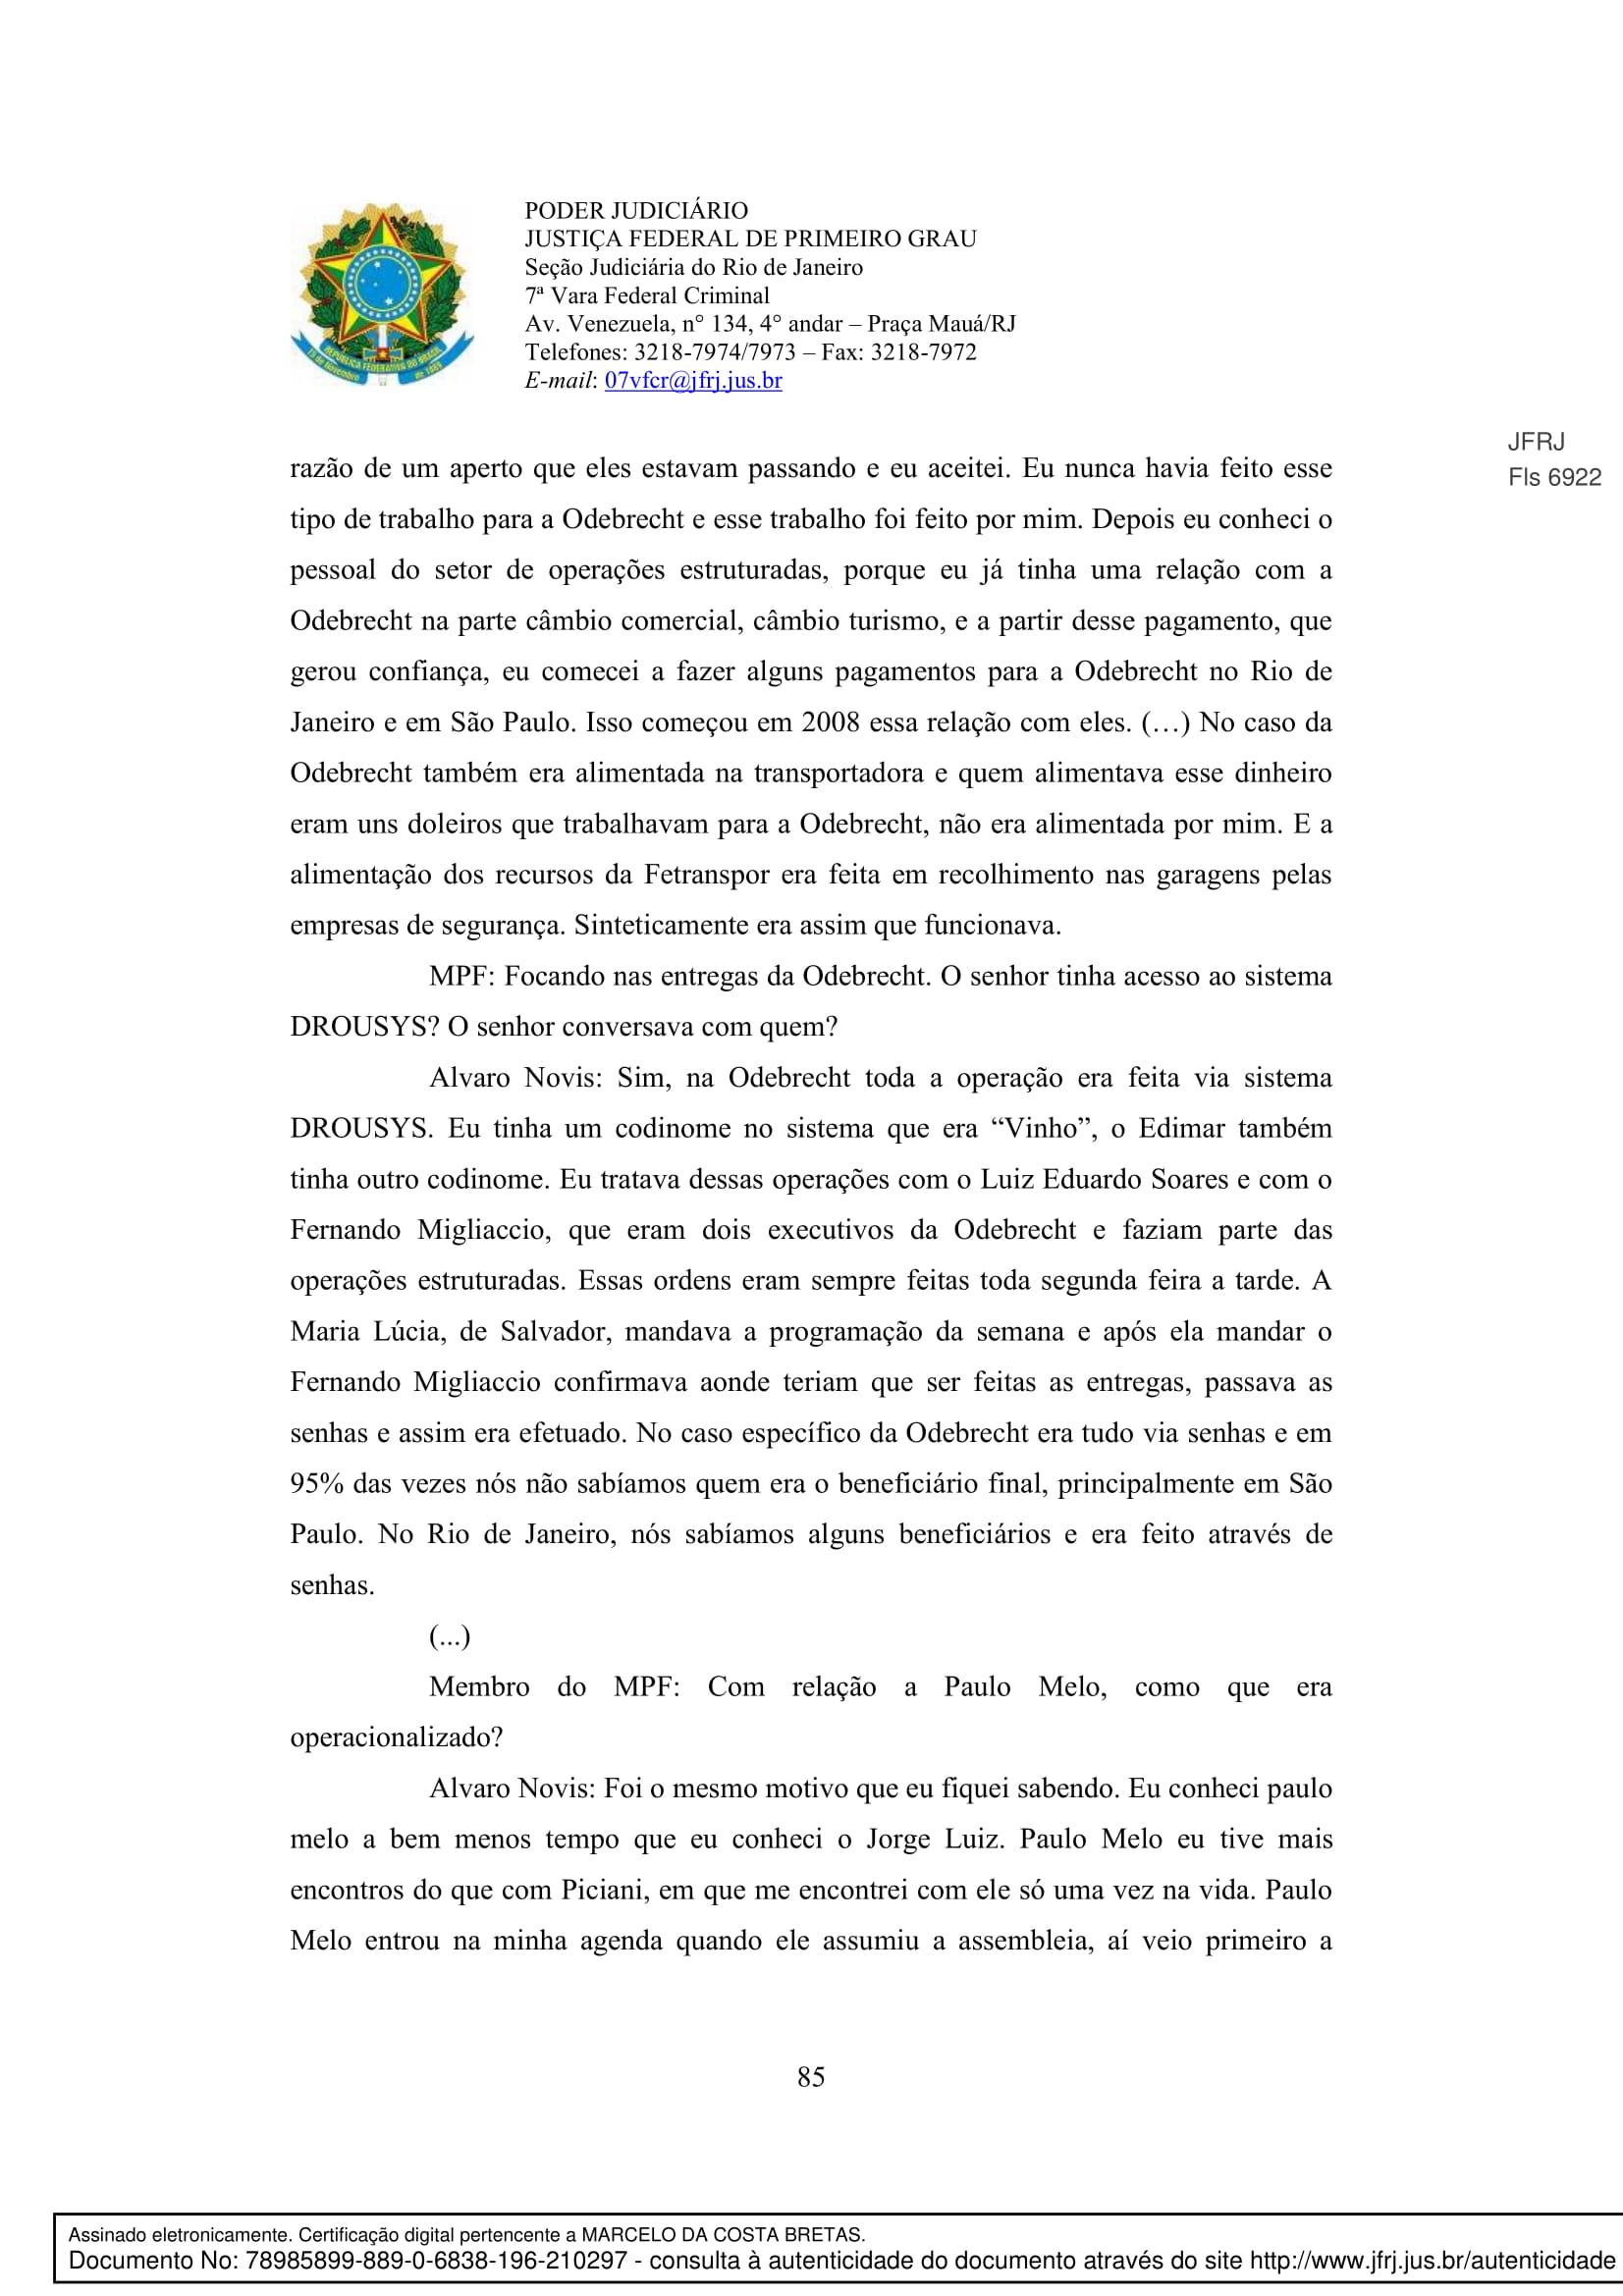 Sentenca-Cadeia-Velha-7VFC-085